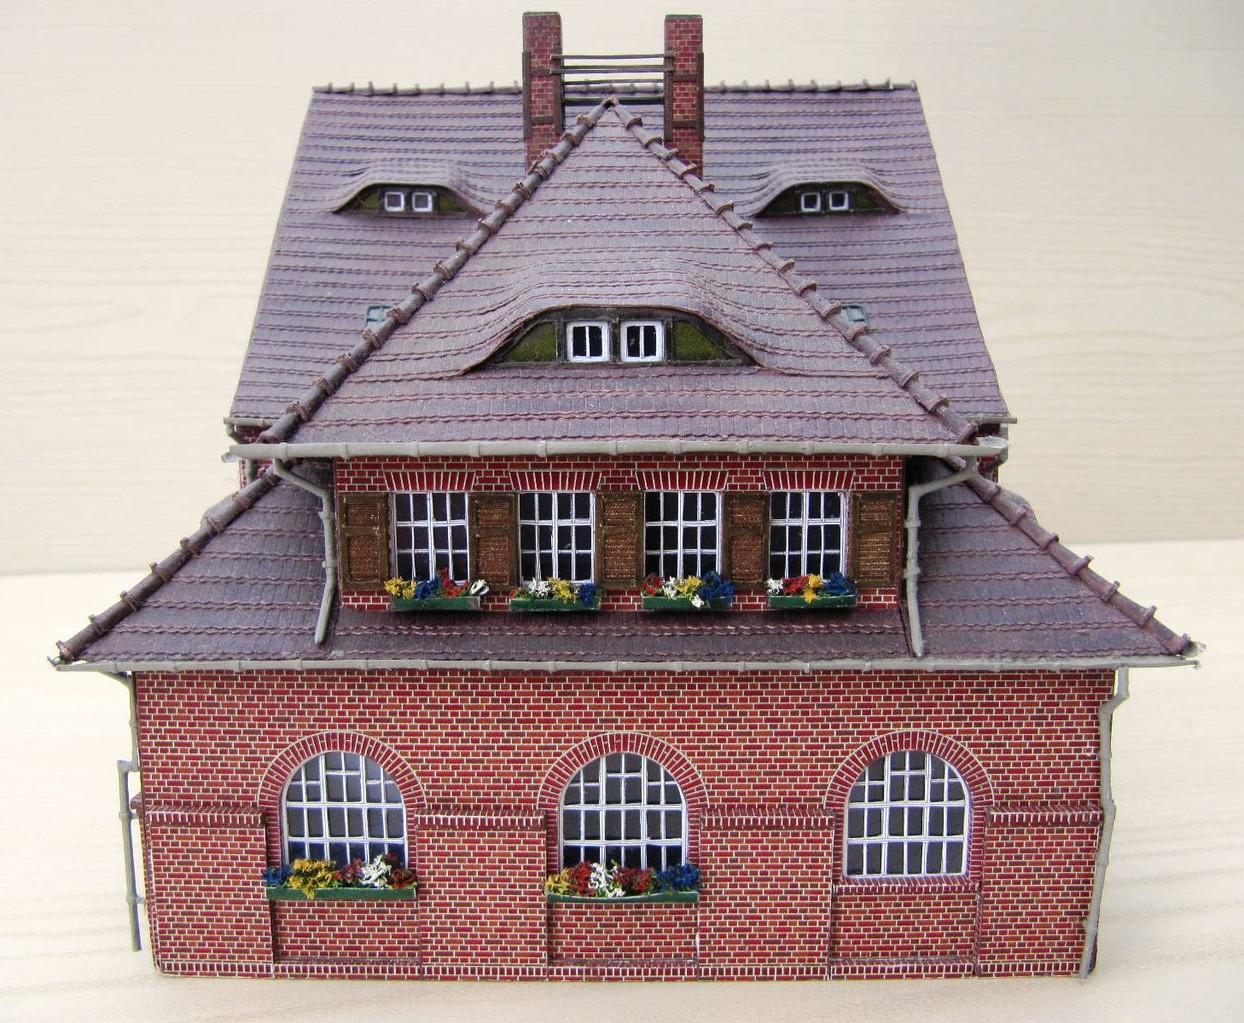 (c) W. Fehse - Biberschwanzkronendeckung des Daches 1:87 (H0)